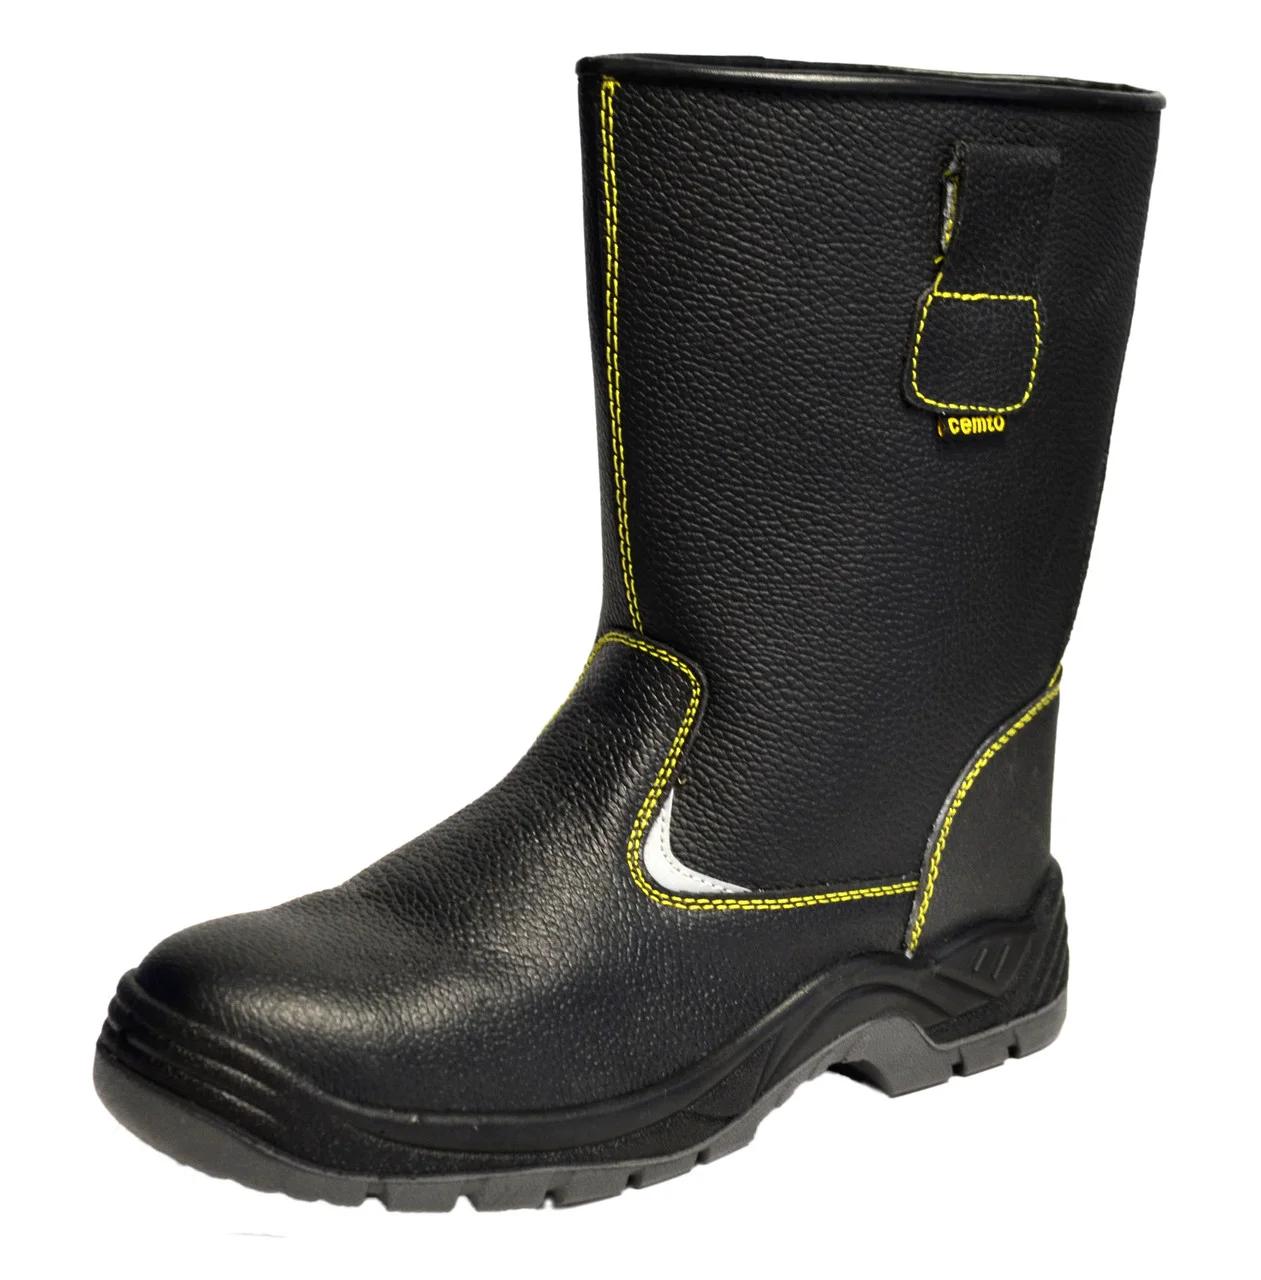 """Рабочие сапоги, 44 р., с металлическим носком TM """"CEMTO"""" Forest - M (арт. 80144)"""